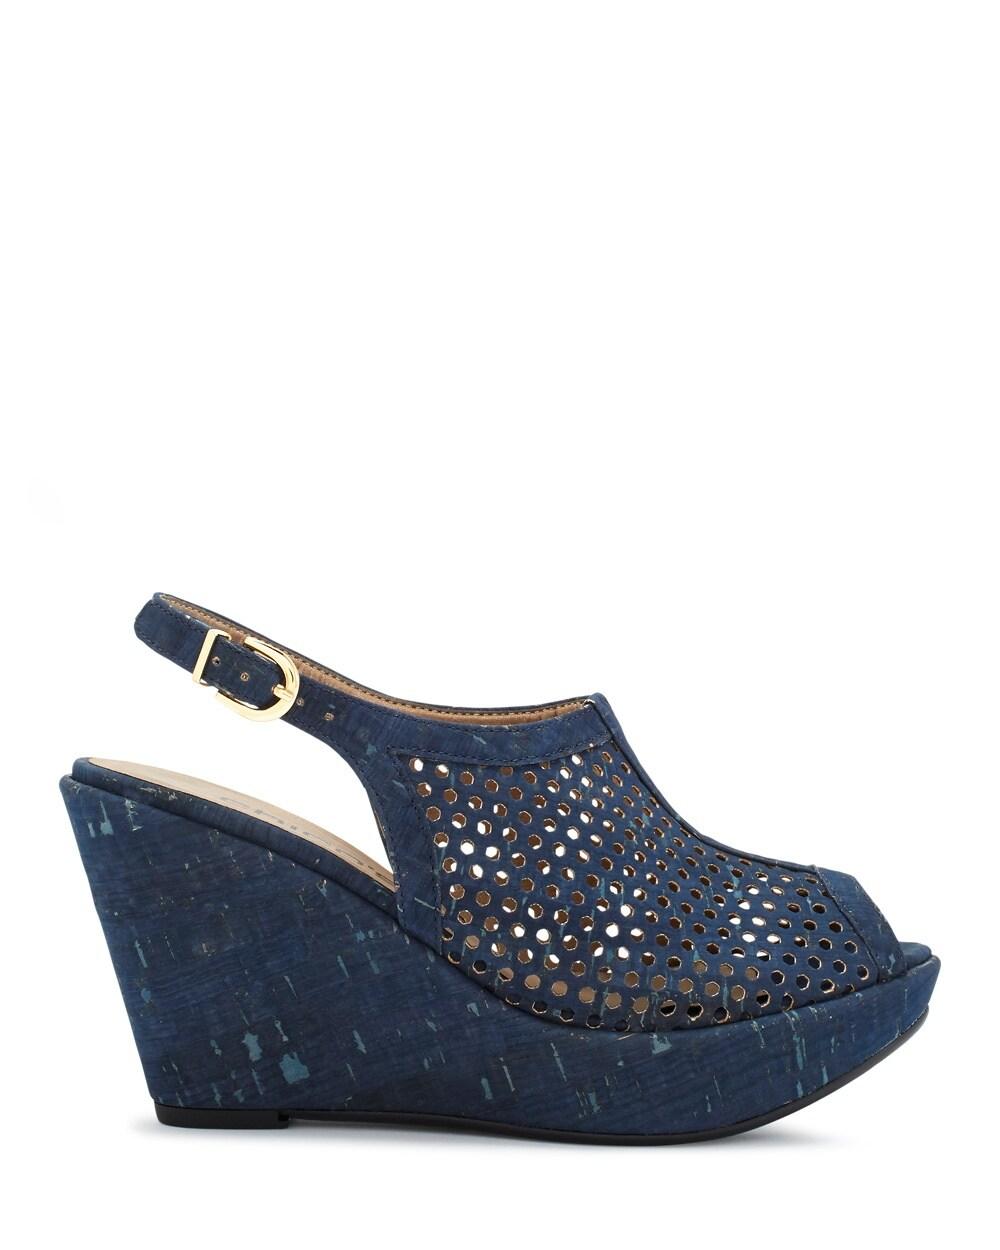 elanor danube blue cork wedge sandals chicos